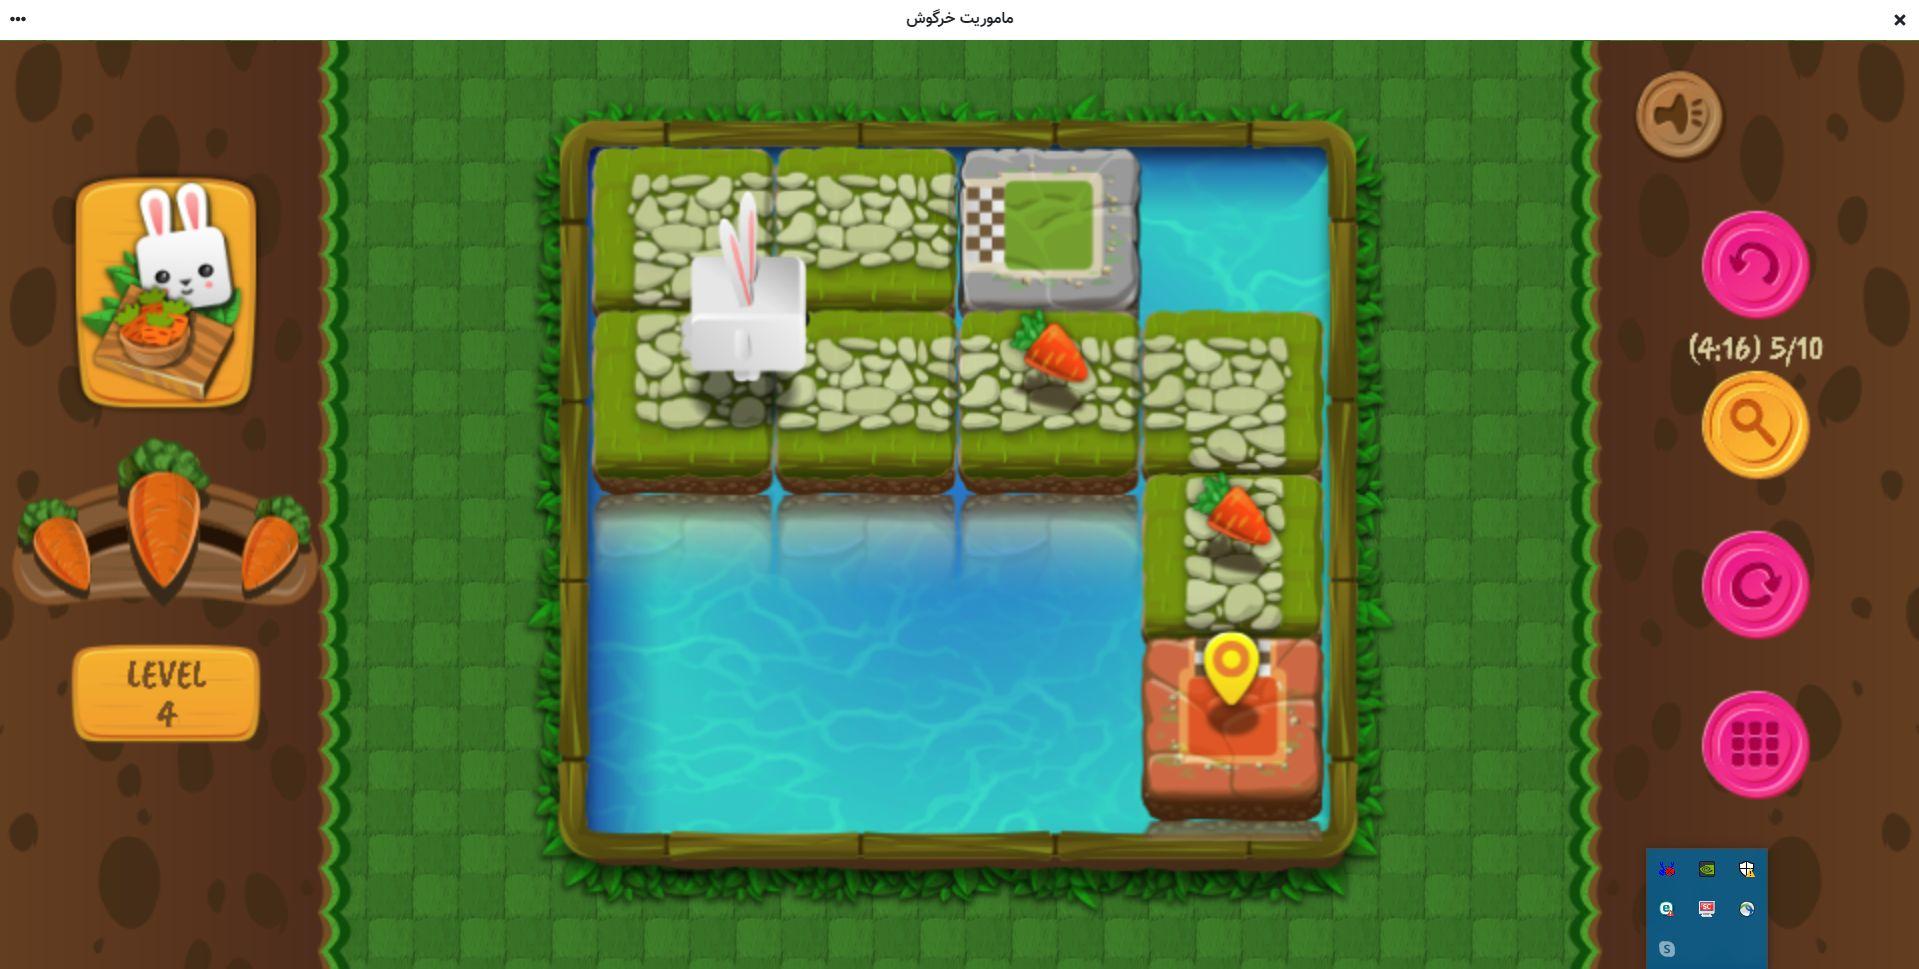 راهنمای بازی آنلاین ماموریت خرگوش